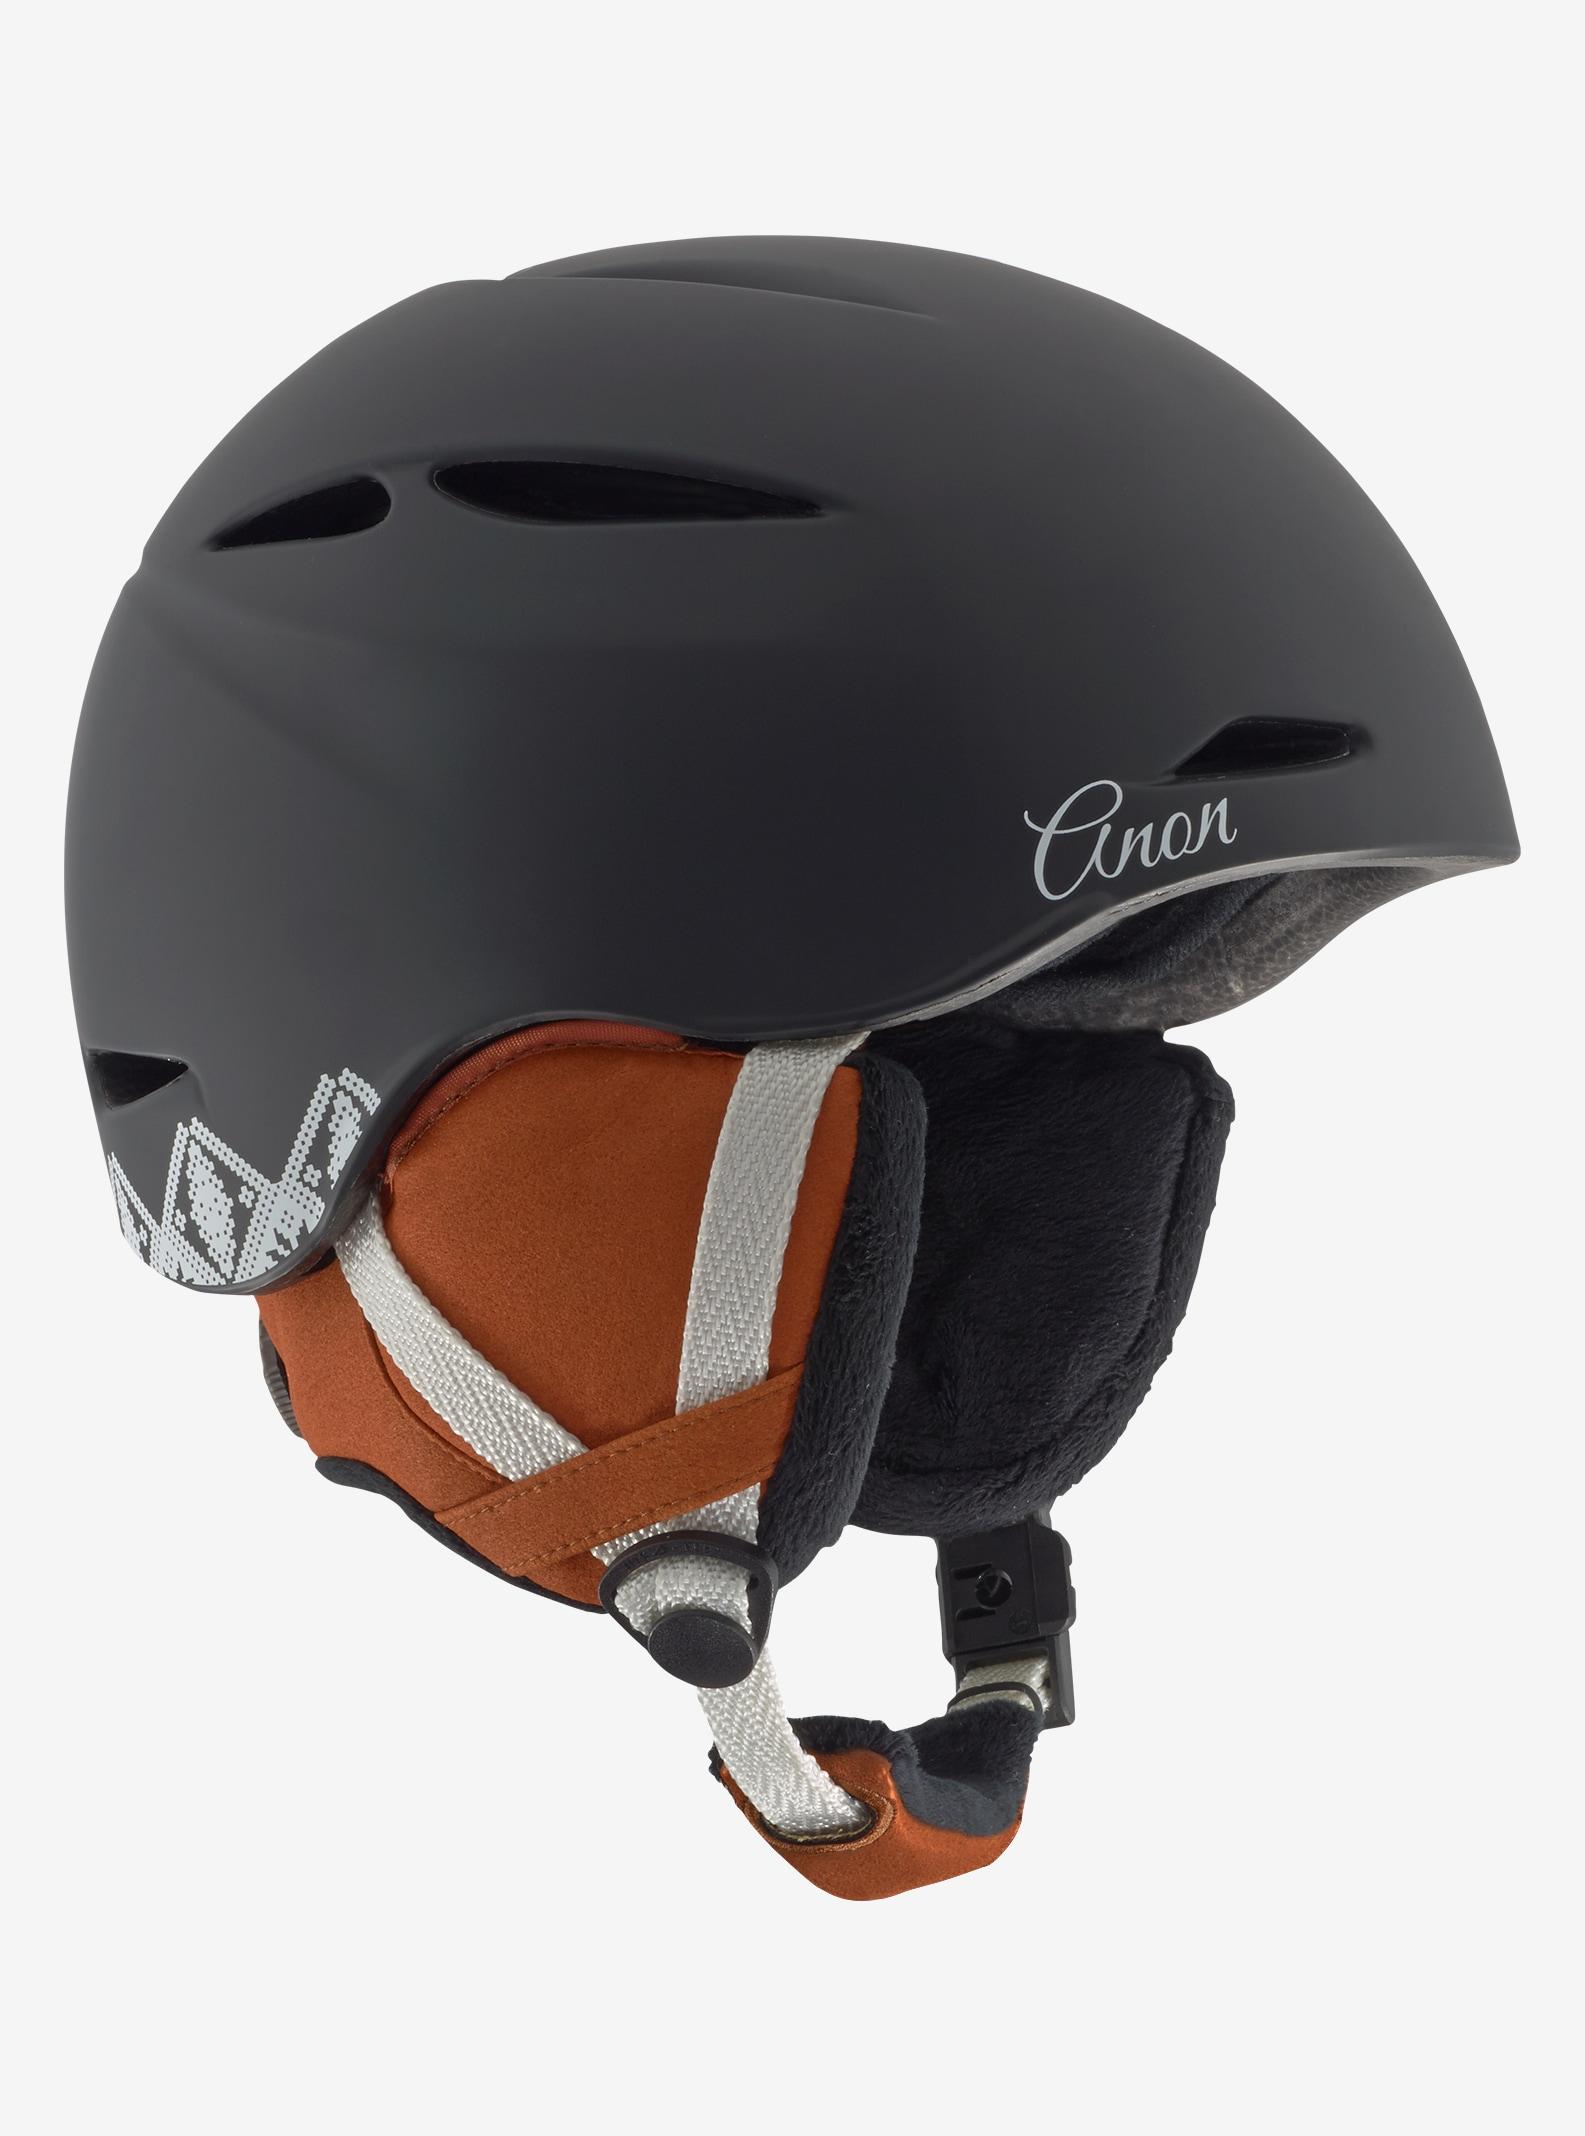 anon. Keira Helmet shown in Apres Black